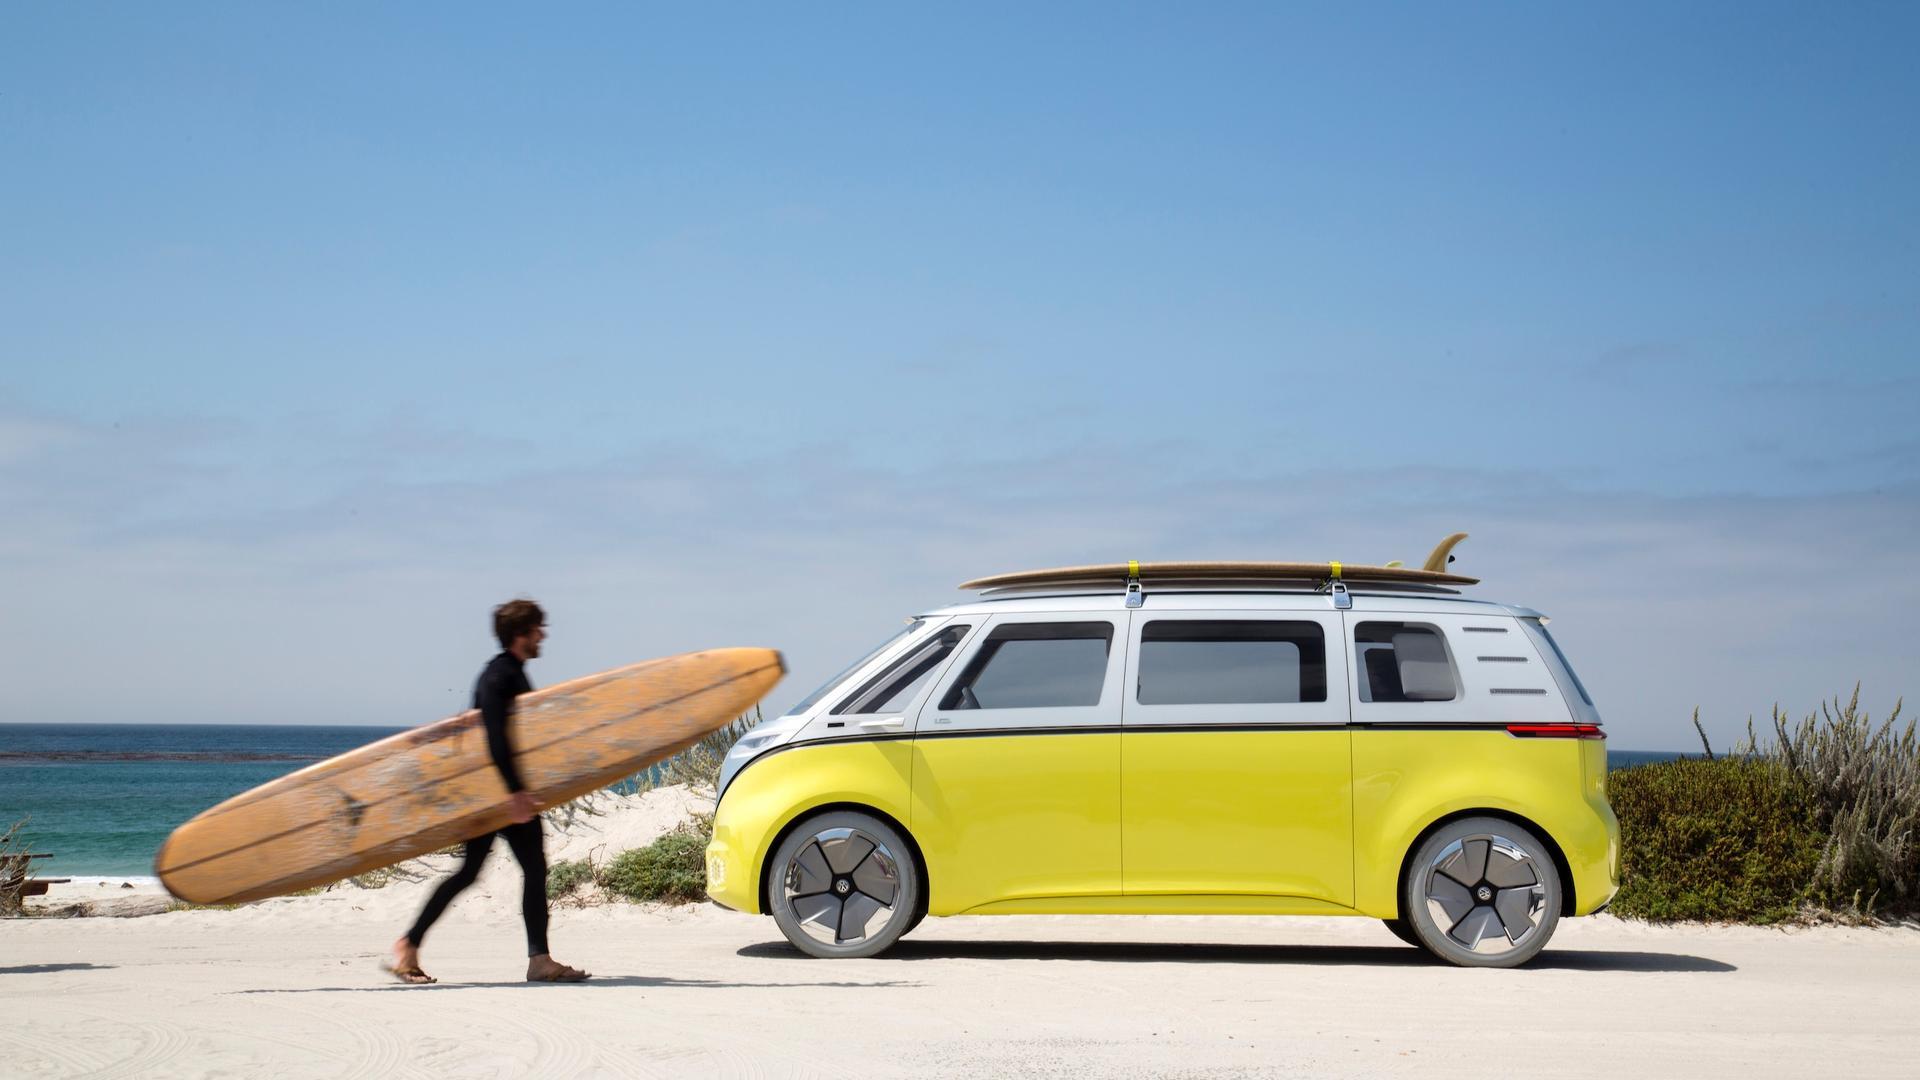 Название торговой марки VW e-Samba в Европе, может использовать его на производственном идентификаторе Buzz.